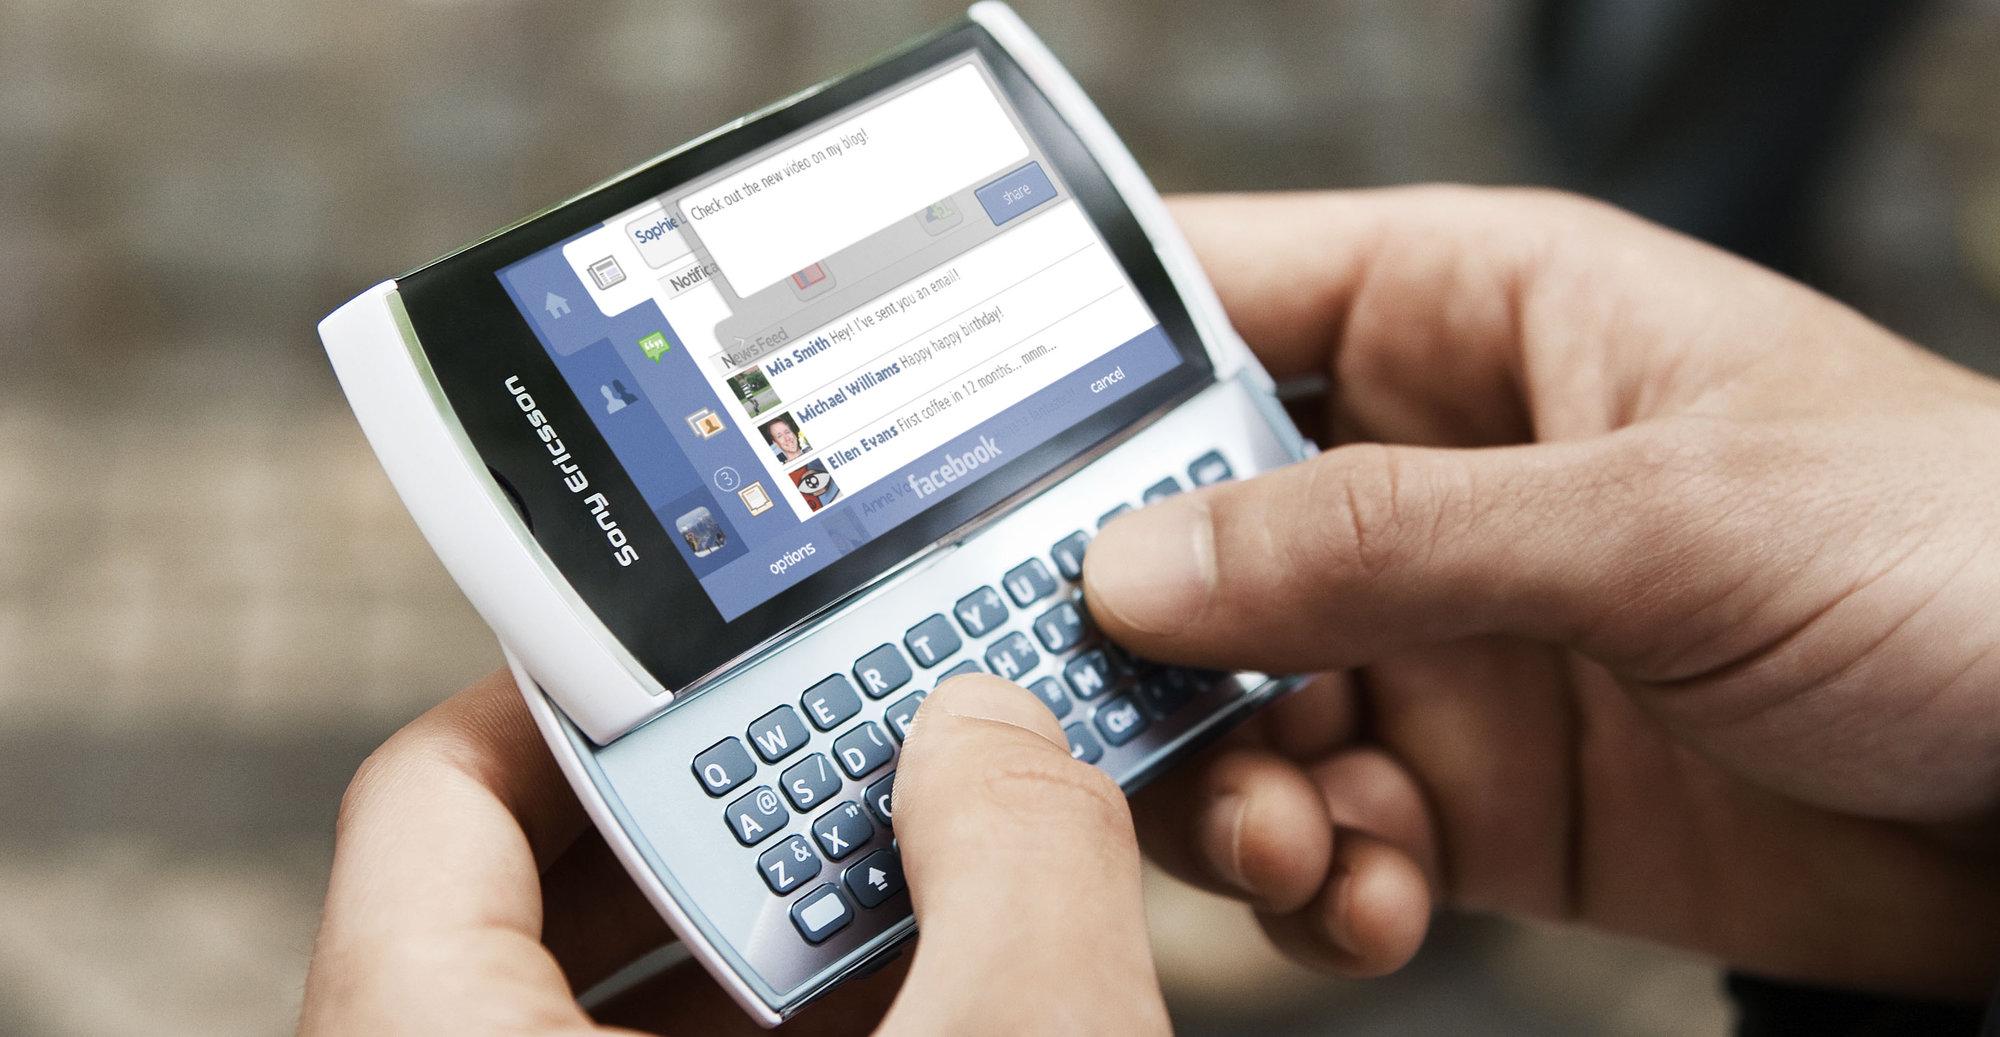 Vivaz Pro blir en av de siste Symbian-baserte mobilene til Sony Ericsson.